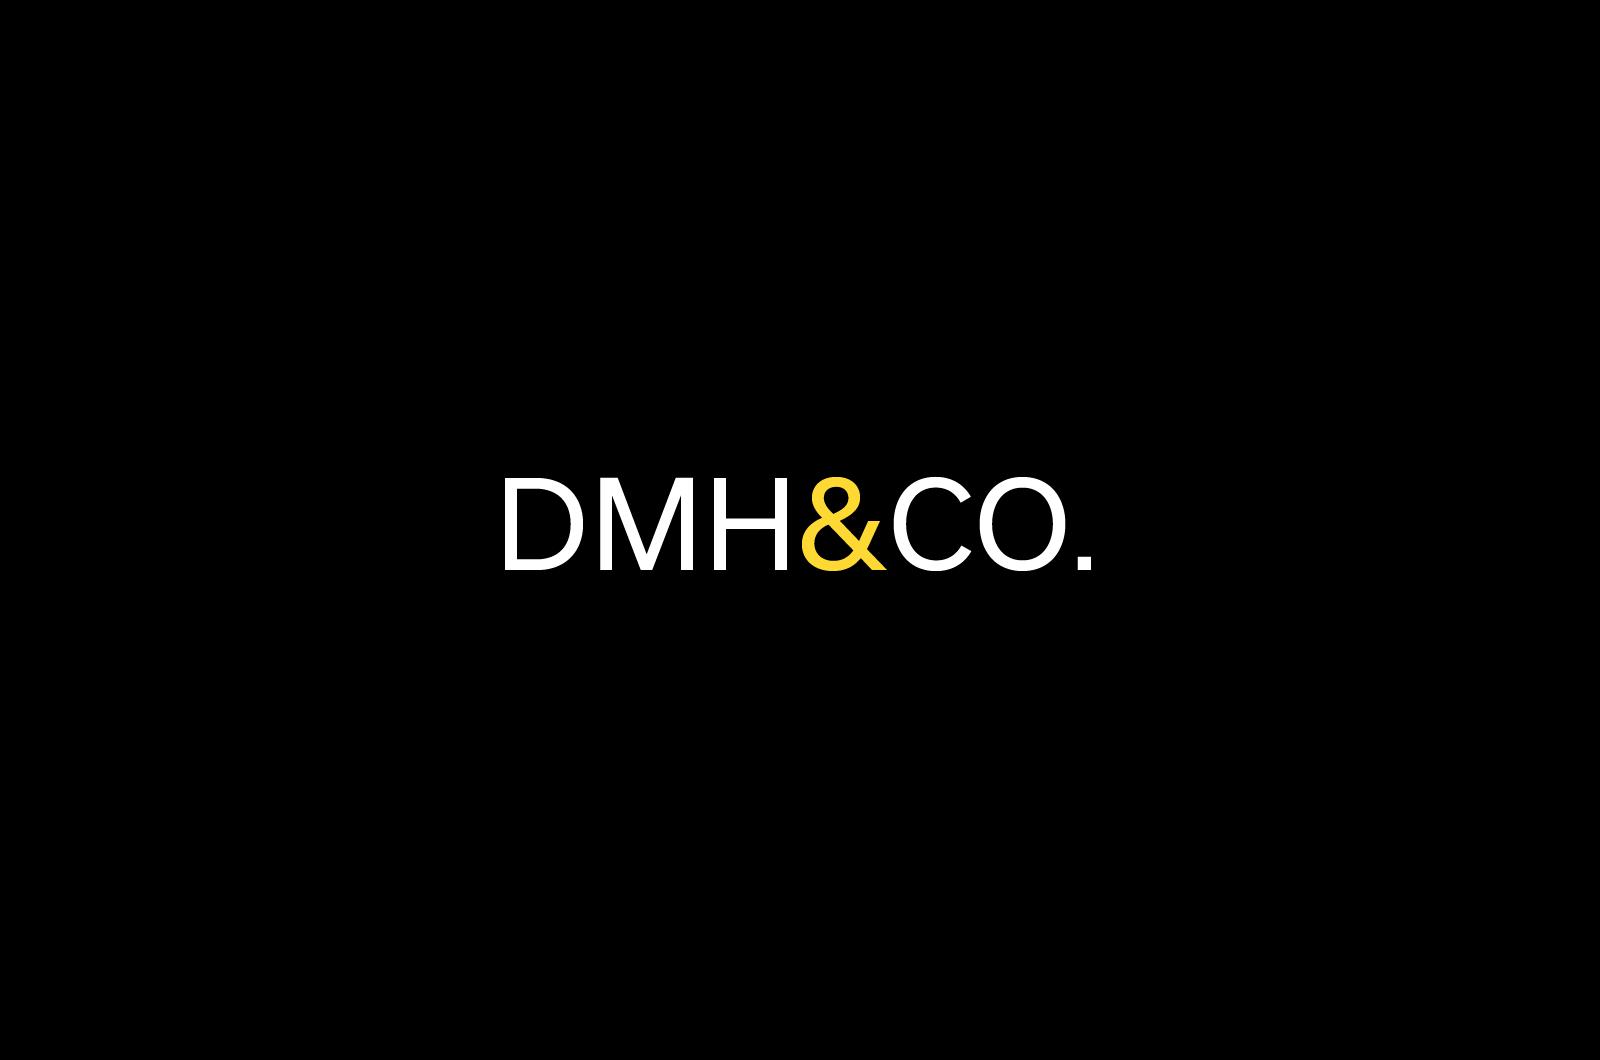 DMH&CO Brand 01